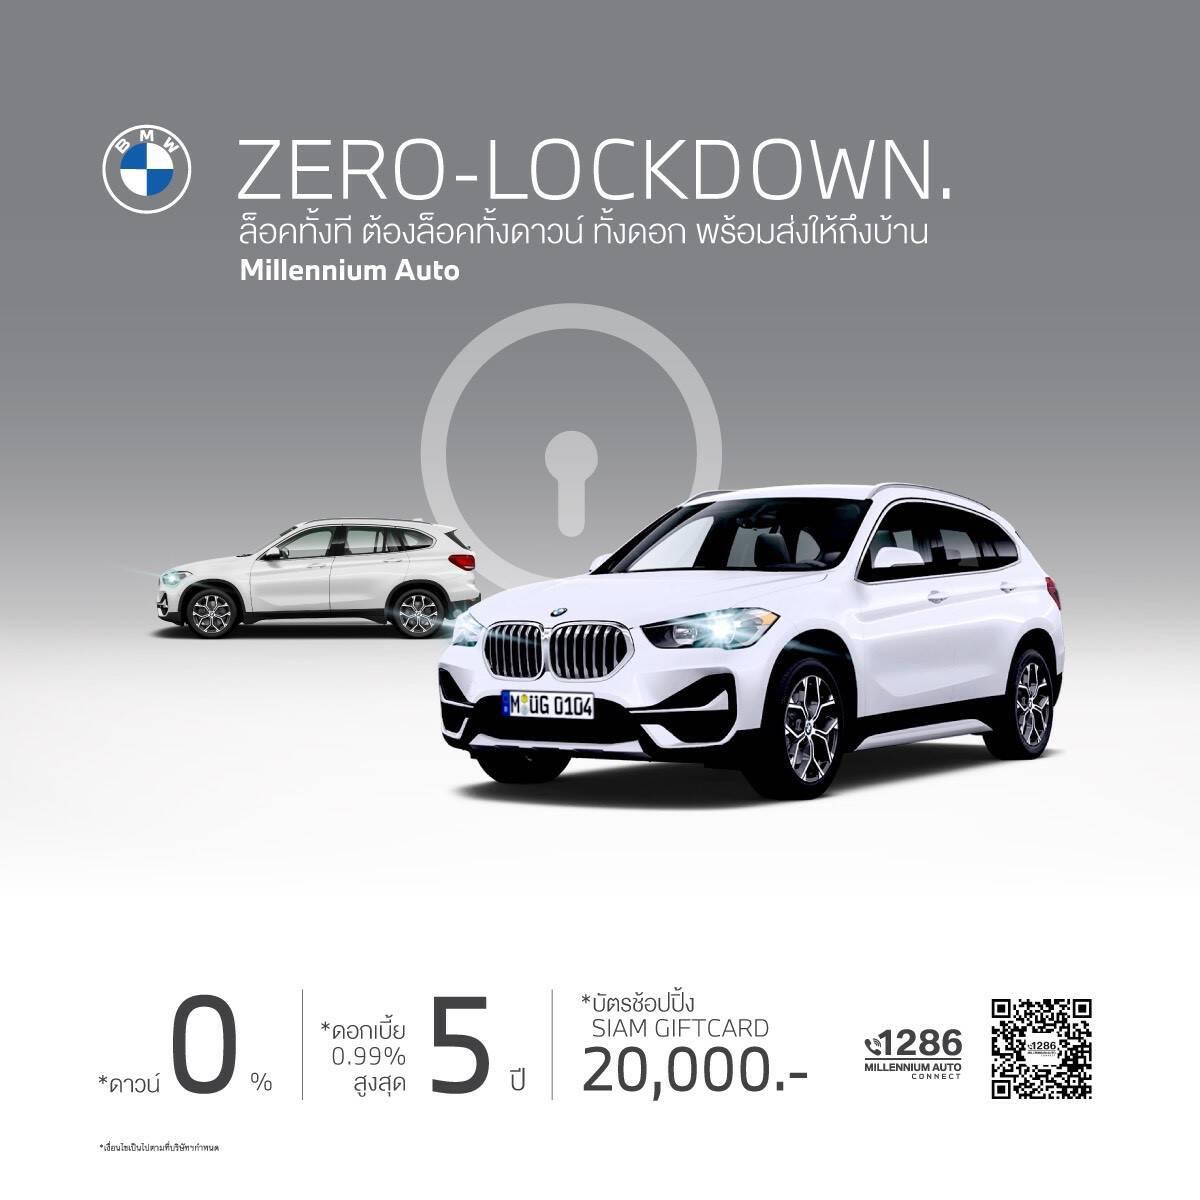 มิลเลนเนียม ออโต้ อัดโปรโมชัน BMWดาวน์ 0% ดอก 0.99%